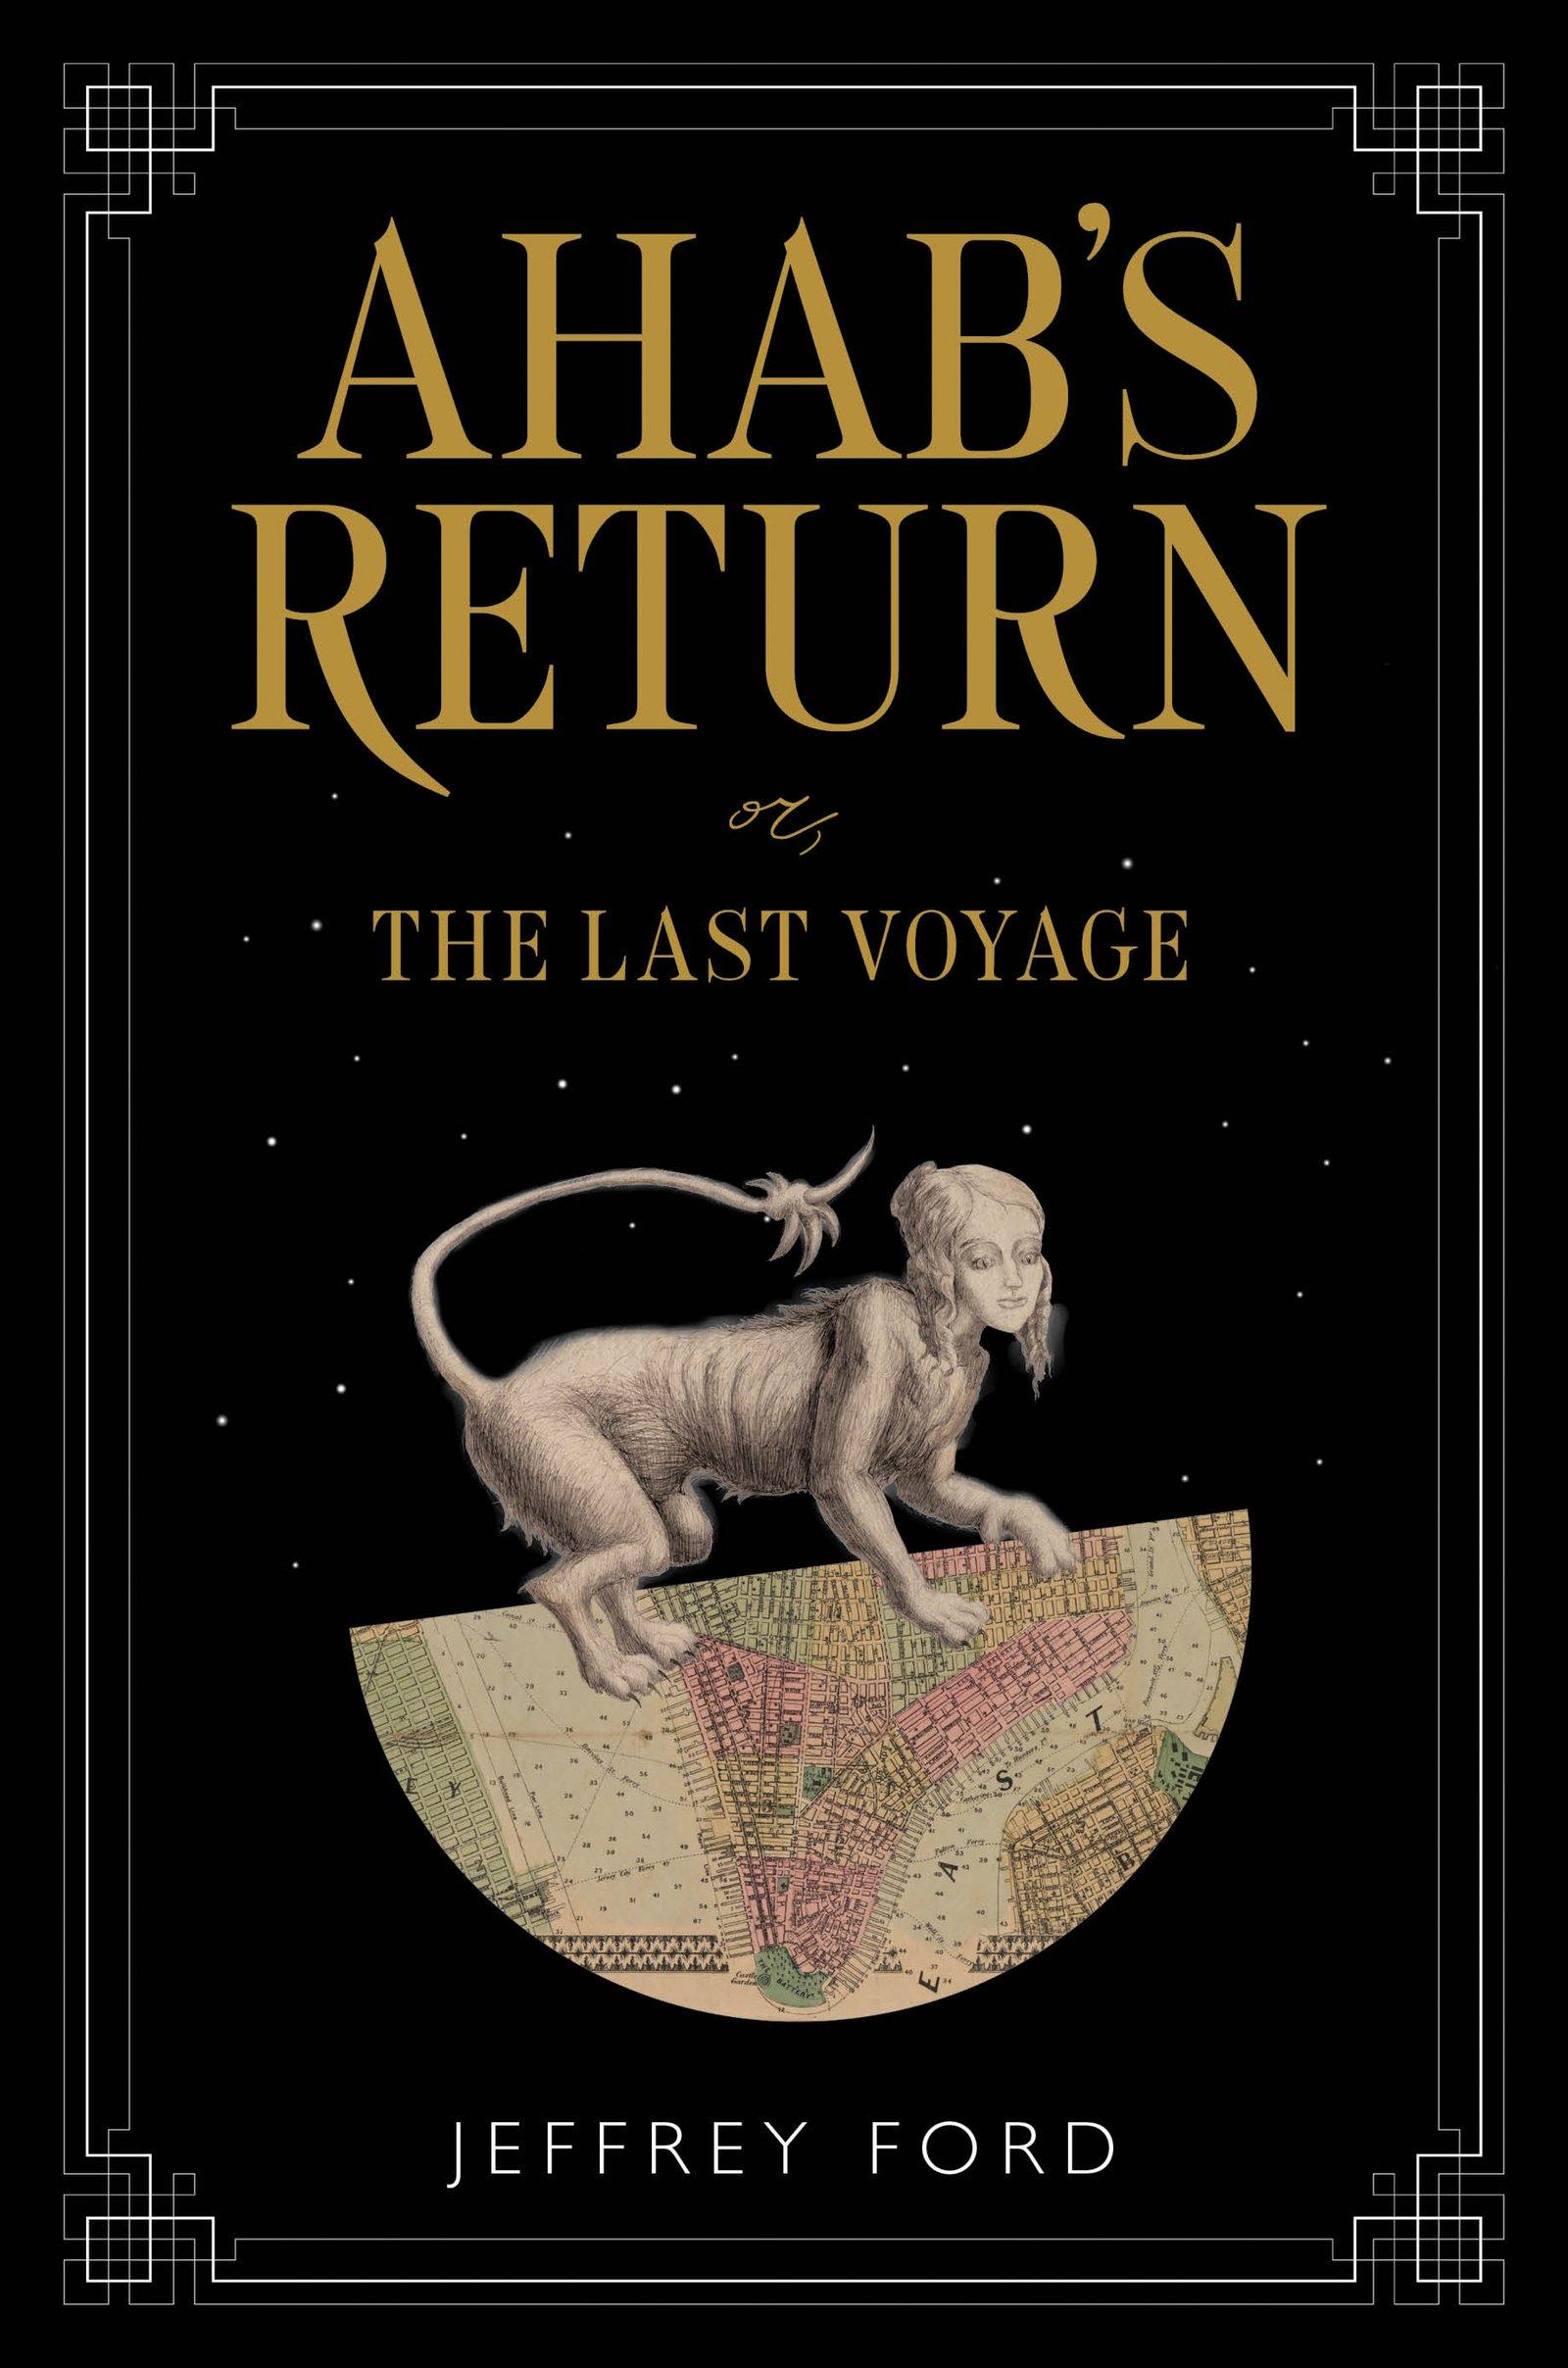 Ahab's Return: or, The Last Voyage